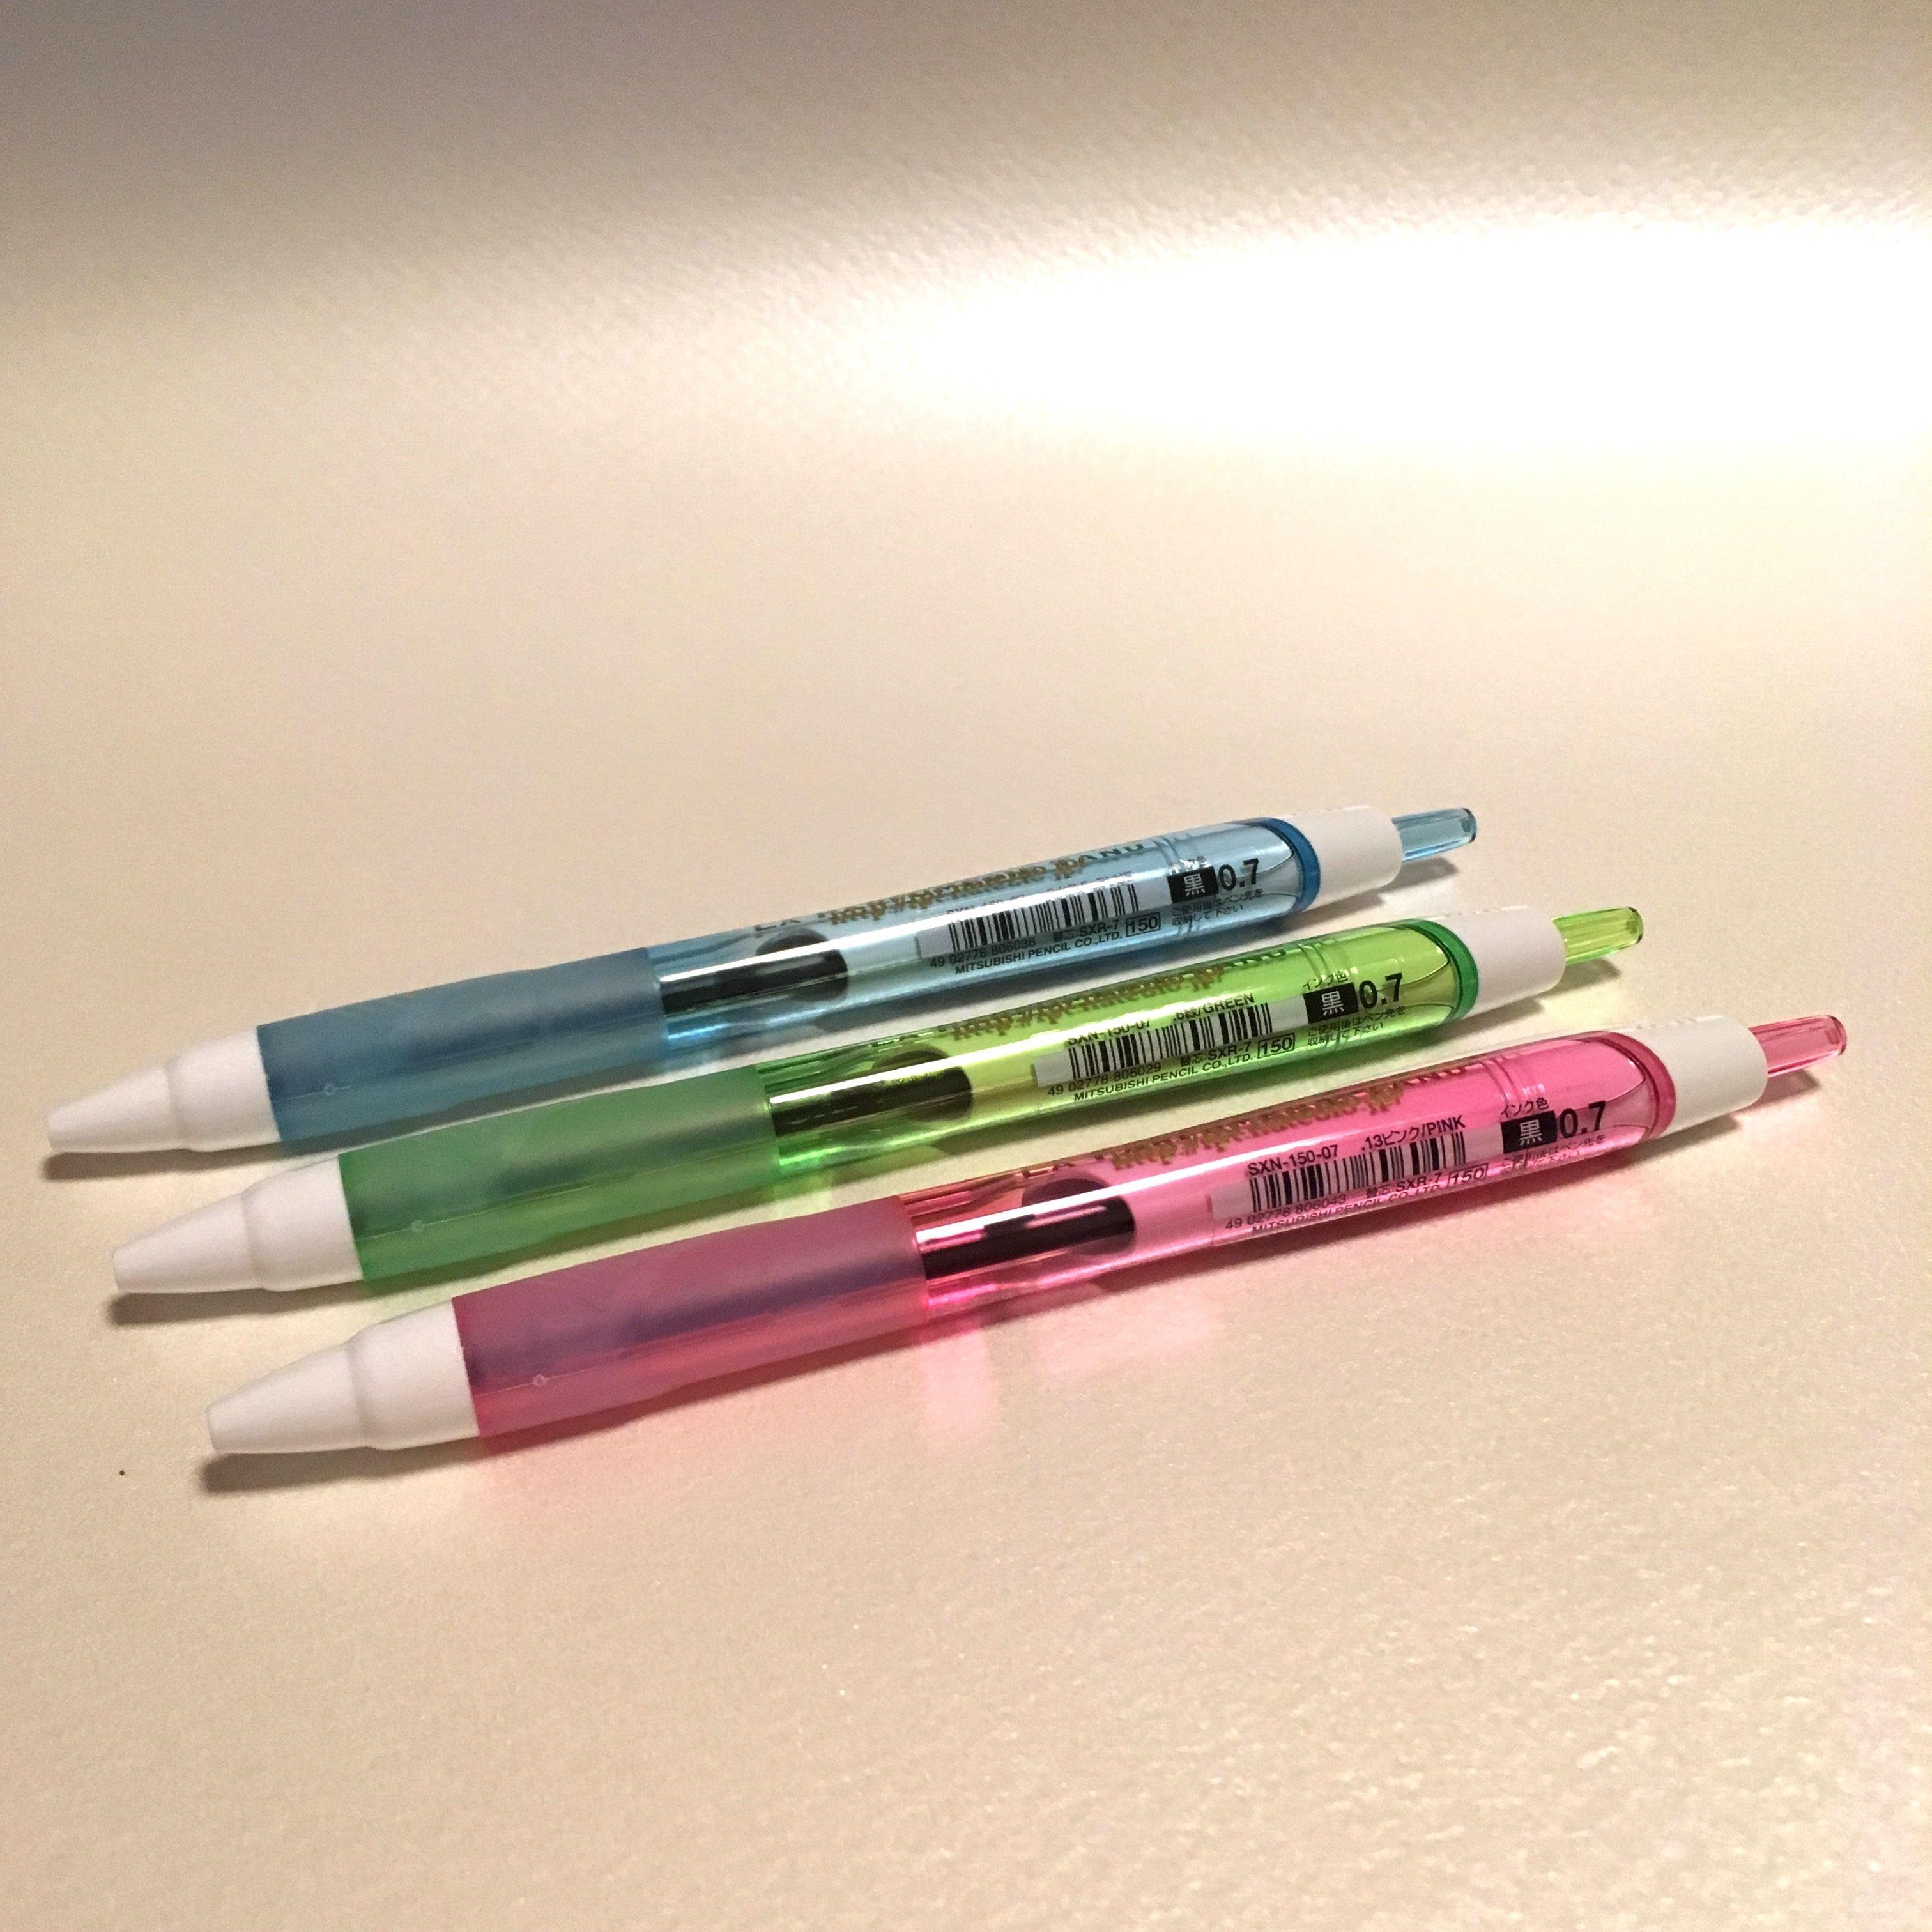 LPTボールペン【ジェットストリーム0.7mm】